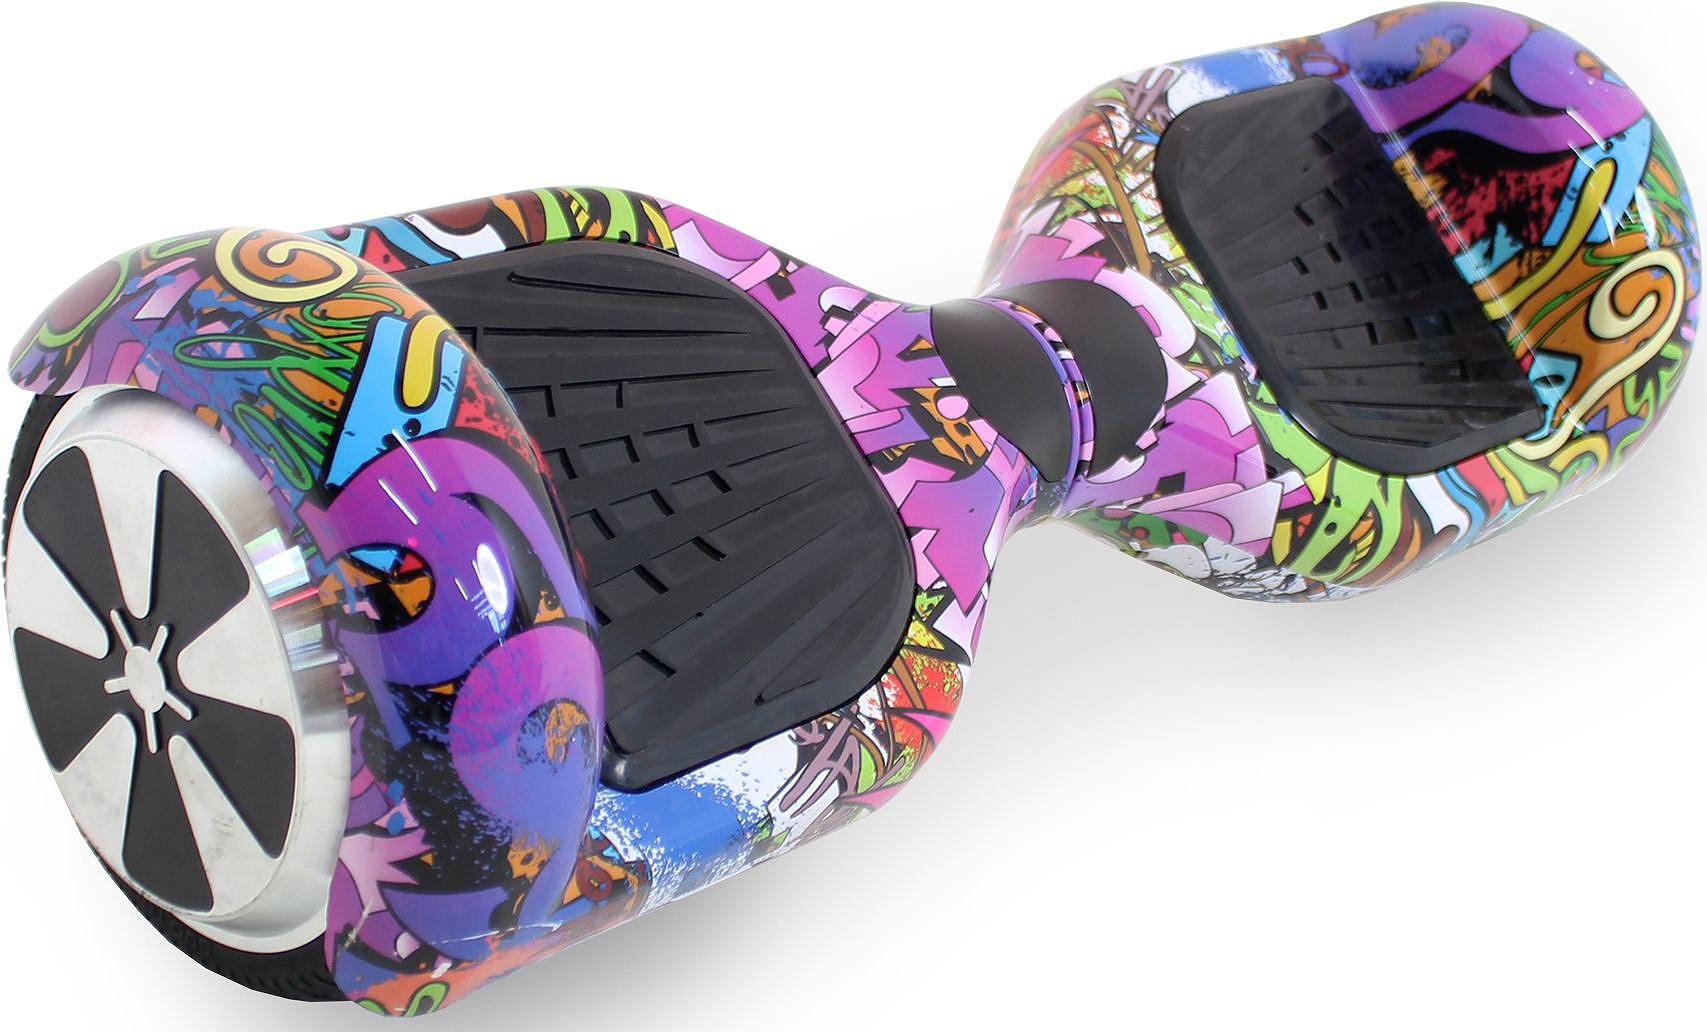 Гироскутер Hoverbot A-3 Light, цвет: Purple Multicolor (пурпурный, мультиколор)AIRWHEEL X8-170WH-WHITEГироскутер Hoverbot А-3 Light это абсолютно новое и самое современное устройство в классе 6,5 колёс. Данный гаджет оснащен очень мощным мотором и высокочувствительными датчиками. Такое сочетание характеристик дало возможность вашему А-3 Light шустро ездить по дорогам даже при максимальной нагрузке 120 кг. При производстве мы используем только самые качественные комплектующие известных производителей. Светящиеся габаритные огни сделают Вас ярче всех, а также выделят в любой тусовке!!! Так же гироскутер оснащен Bluetooth технологией и очень хорошей колонкой, просто подключите ваш гаджет к устройству и наслаждайтесь любимой музыкой на полную мощность!!! Такая модель как Hoverbot А-3 Light идеально подойдёт как для профессионалов, так и для начинающих райдеров. В комплекте идет сумка для переноски устройства и имеется пульт управления, для более удобного использования. Теперь вы всегда будете ярко выделяться на гироскутере Hoverbot А-3 Light, и наслаждаться любимой музыкой в дороге.